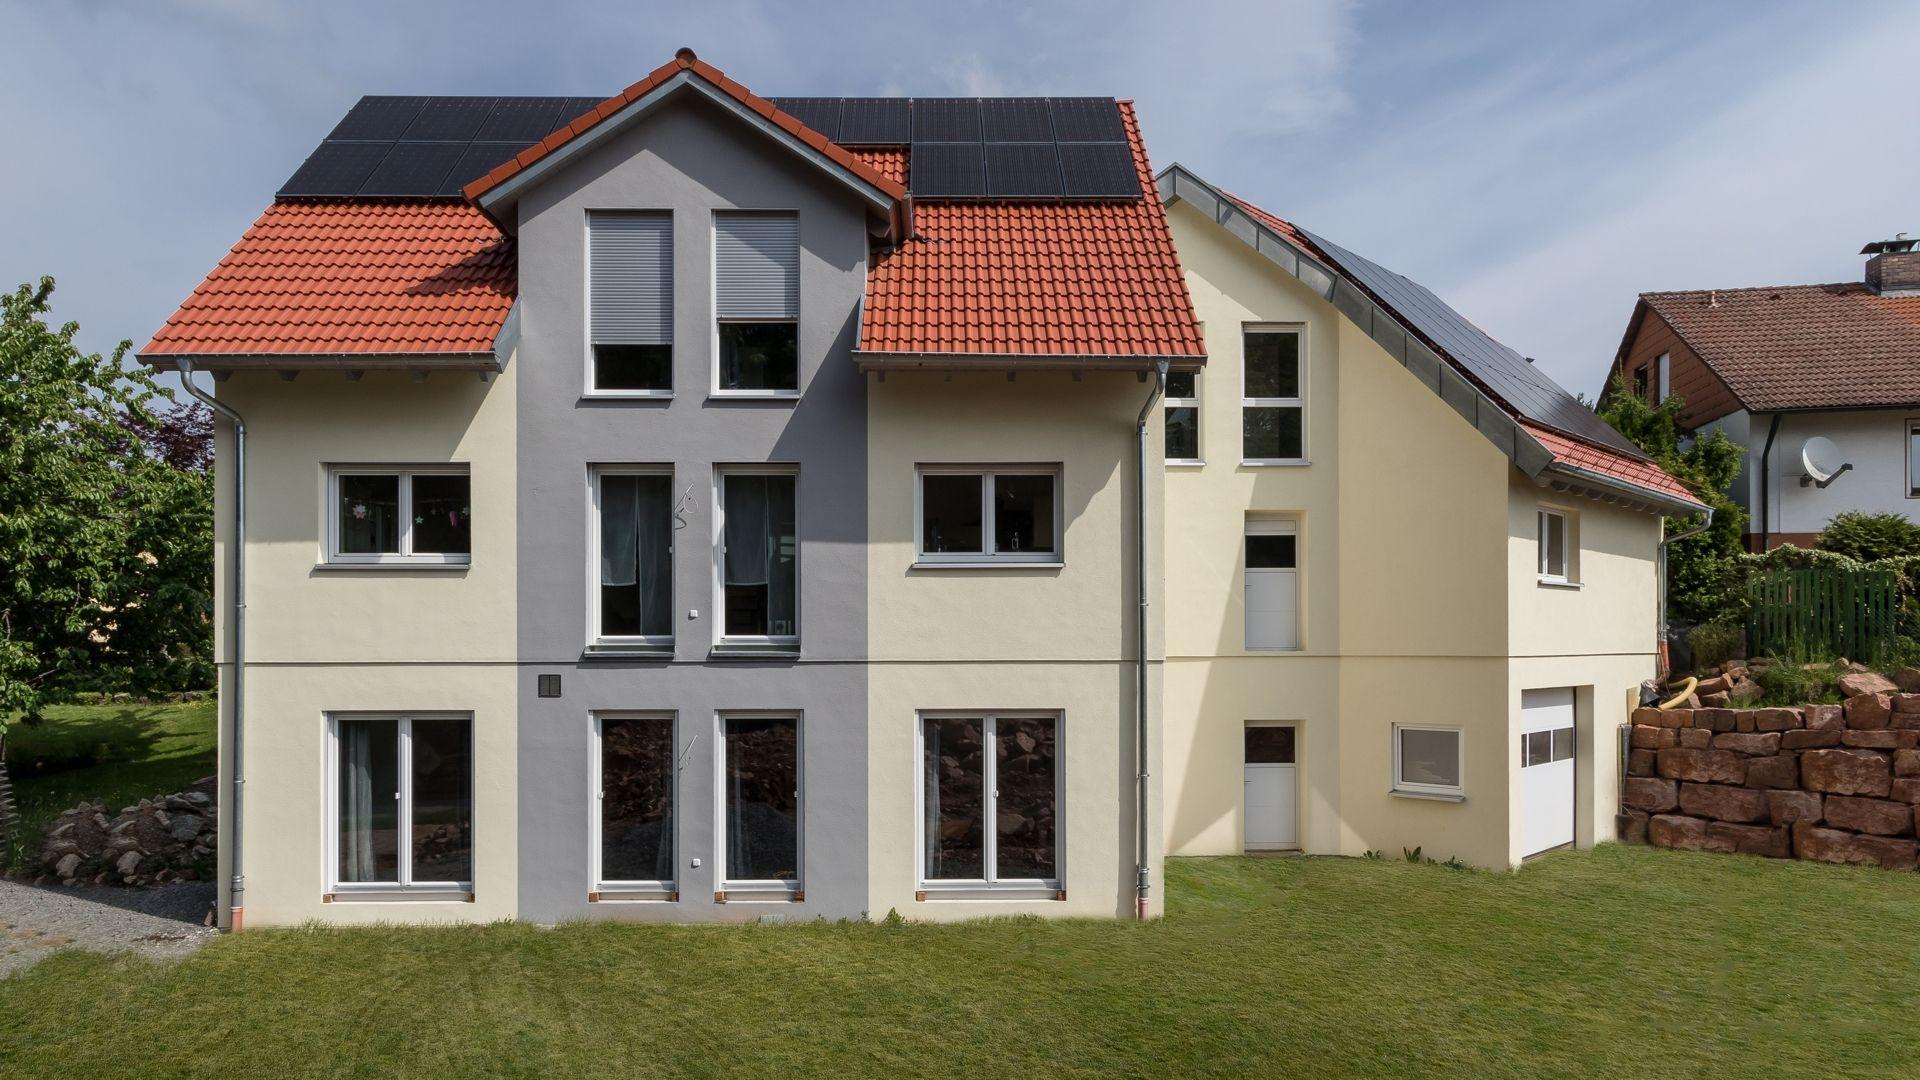 Großzügiges Einfamilienhaus auf einem verzwickten